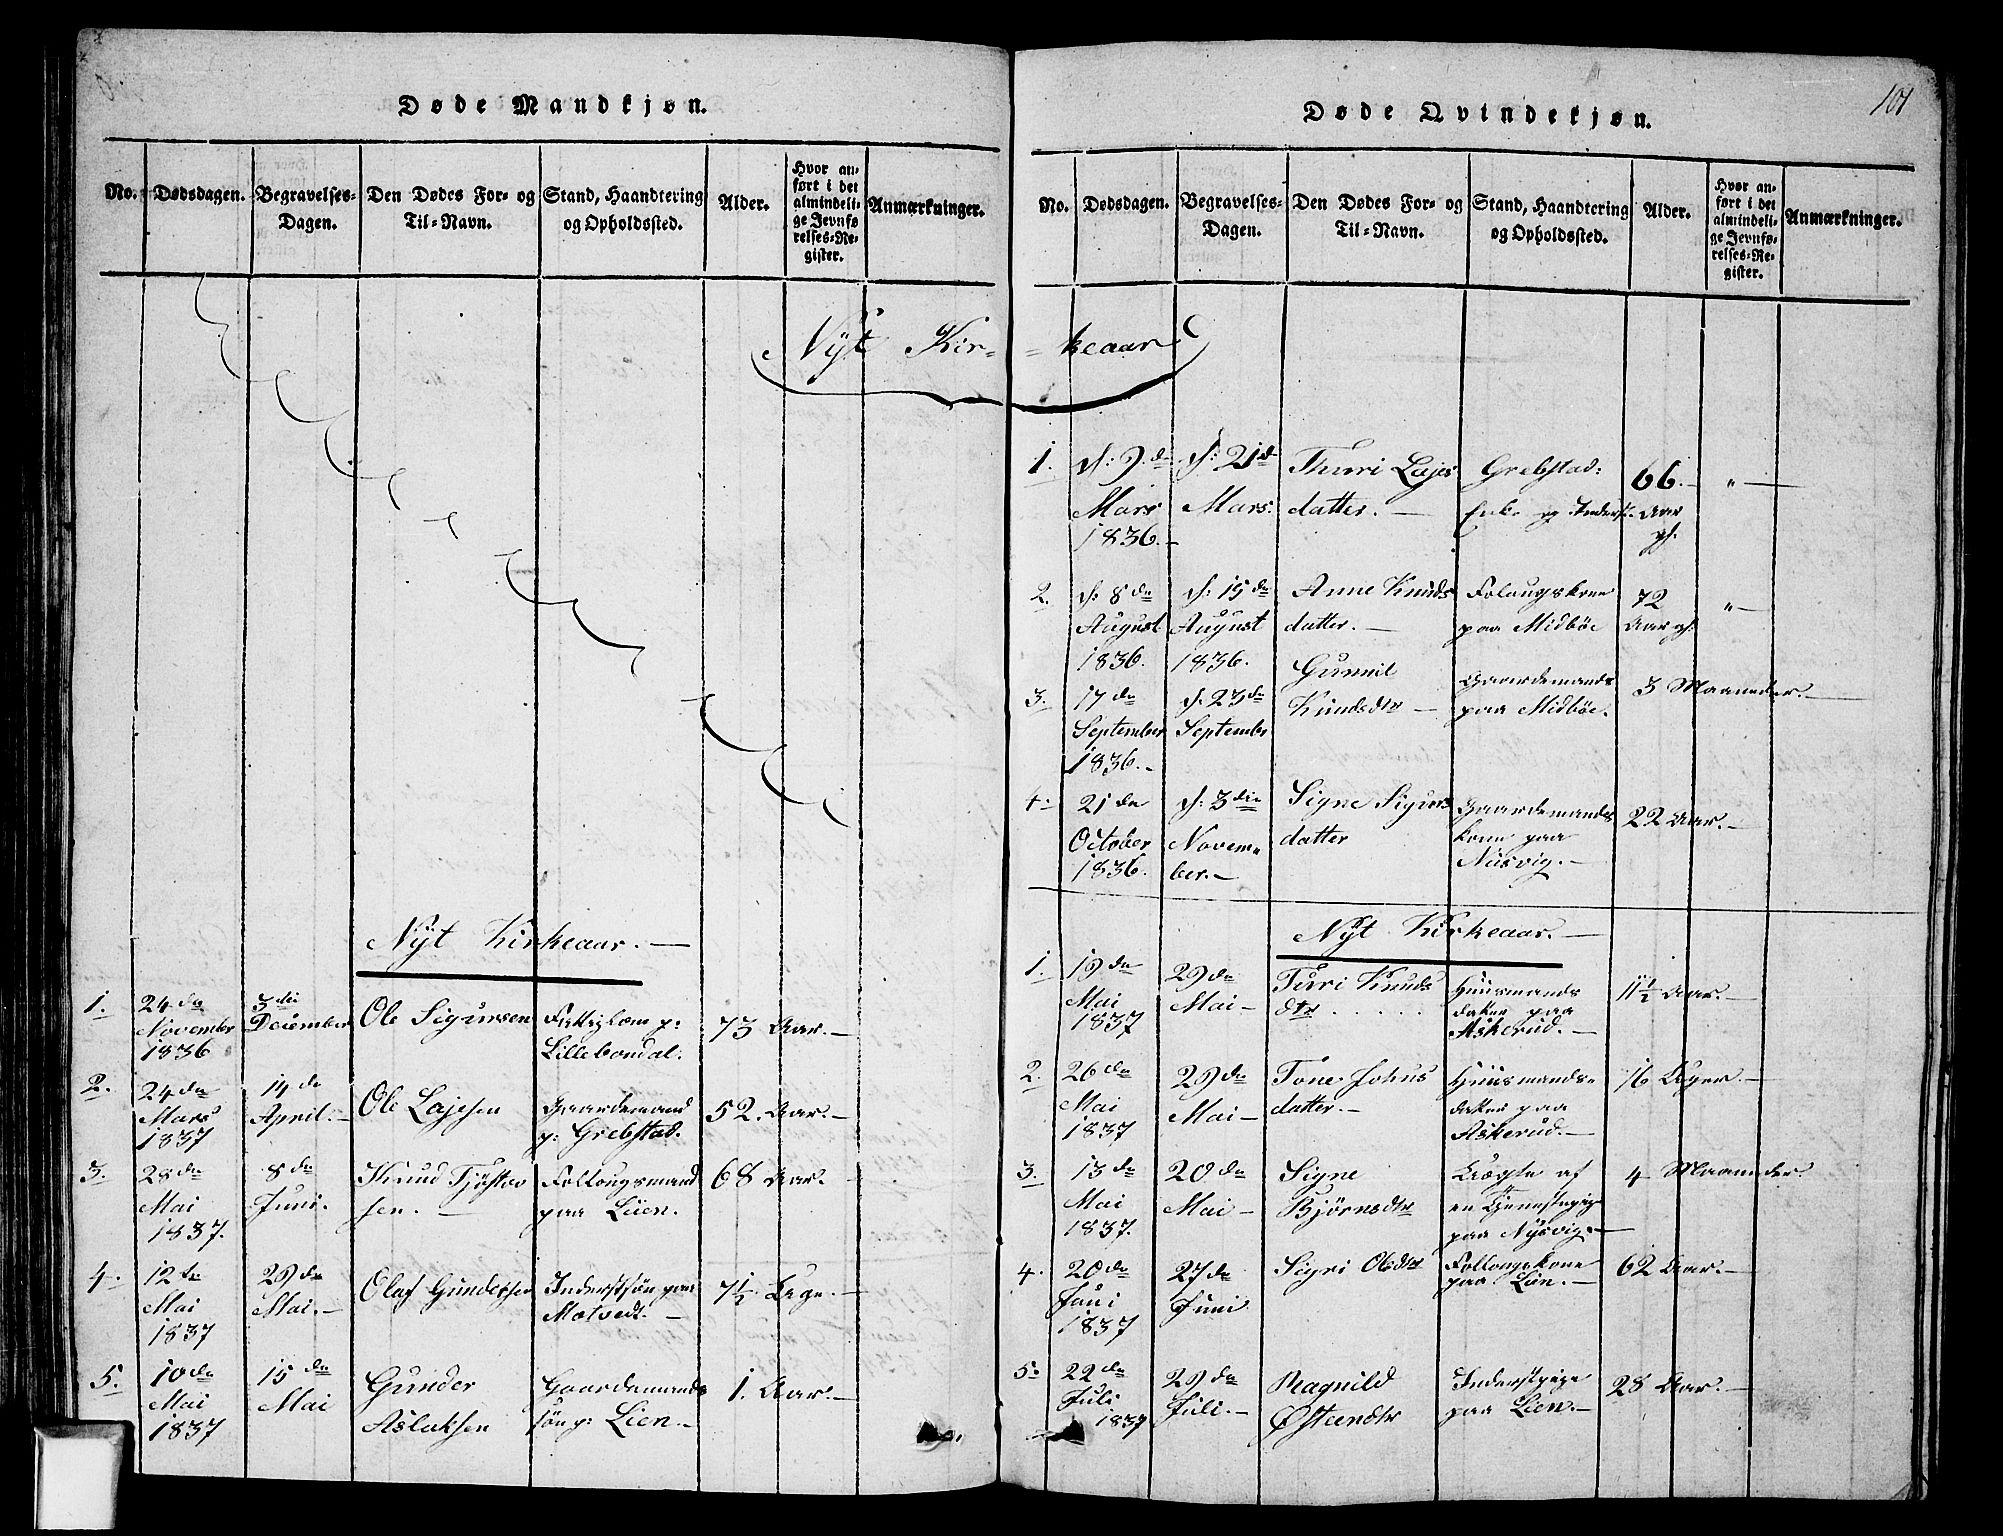 SAKO, Fyresdal kirkebøker, G/Ga/L0002: Klokkerbok nr. I 2, 1815-1857, s. 101